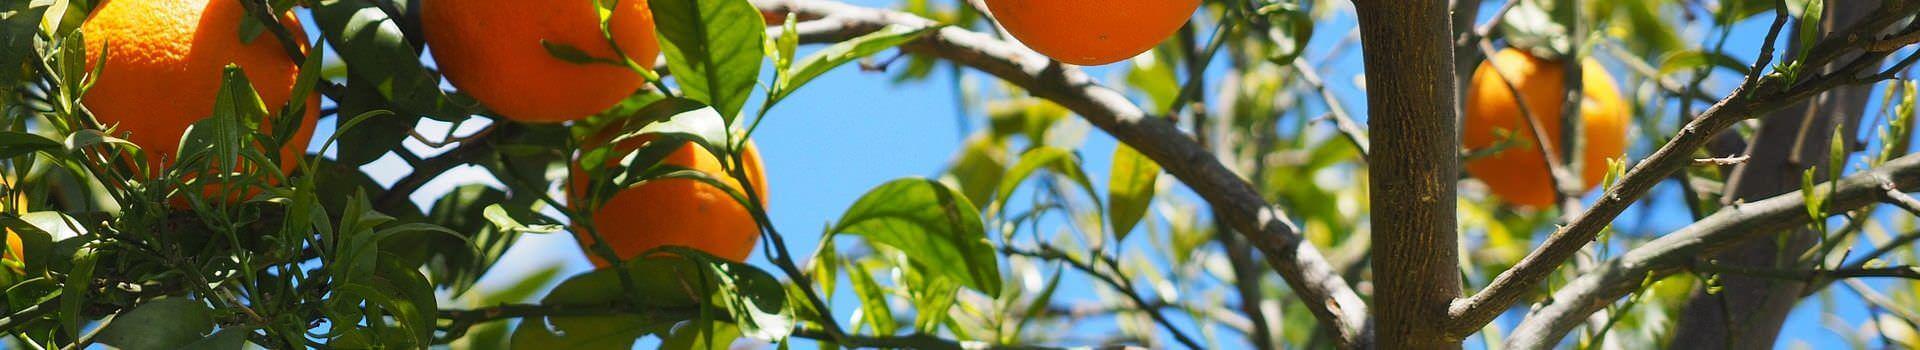 oranges-1117628_1920